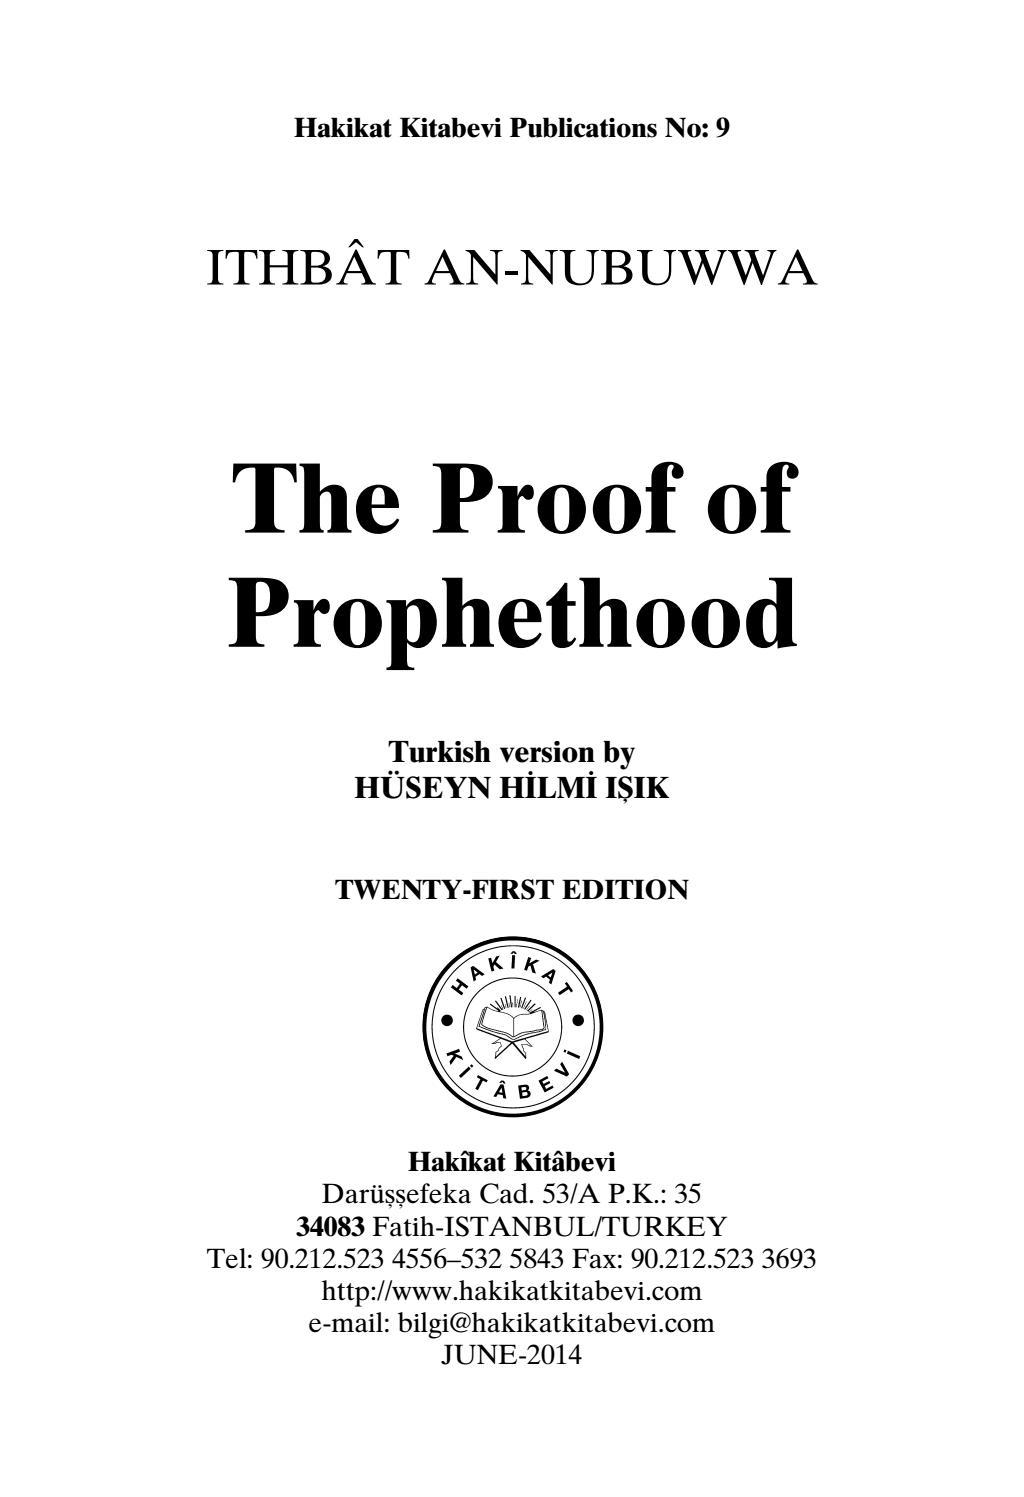 Proof Of Prophethood By Bookdistributor55 Issuu